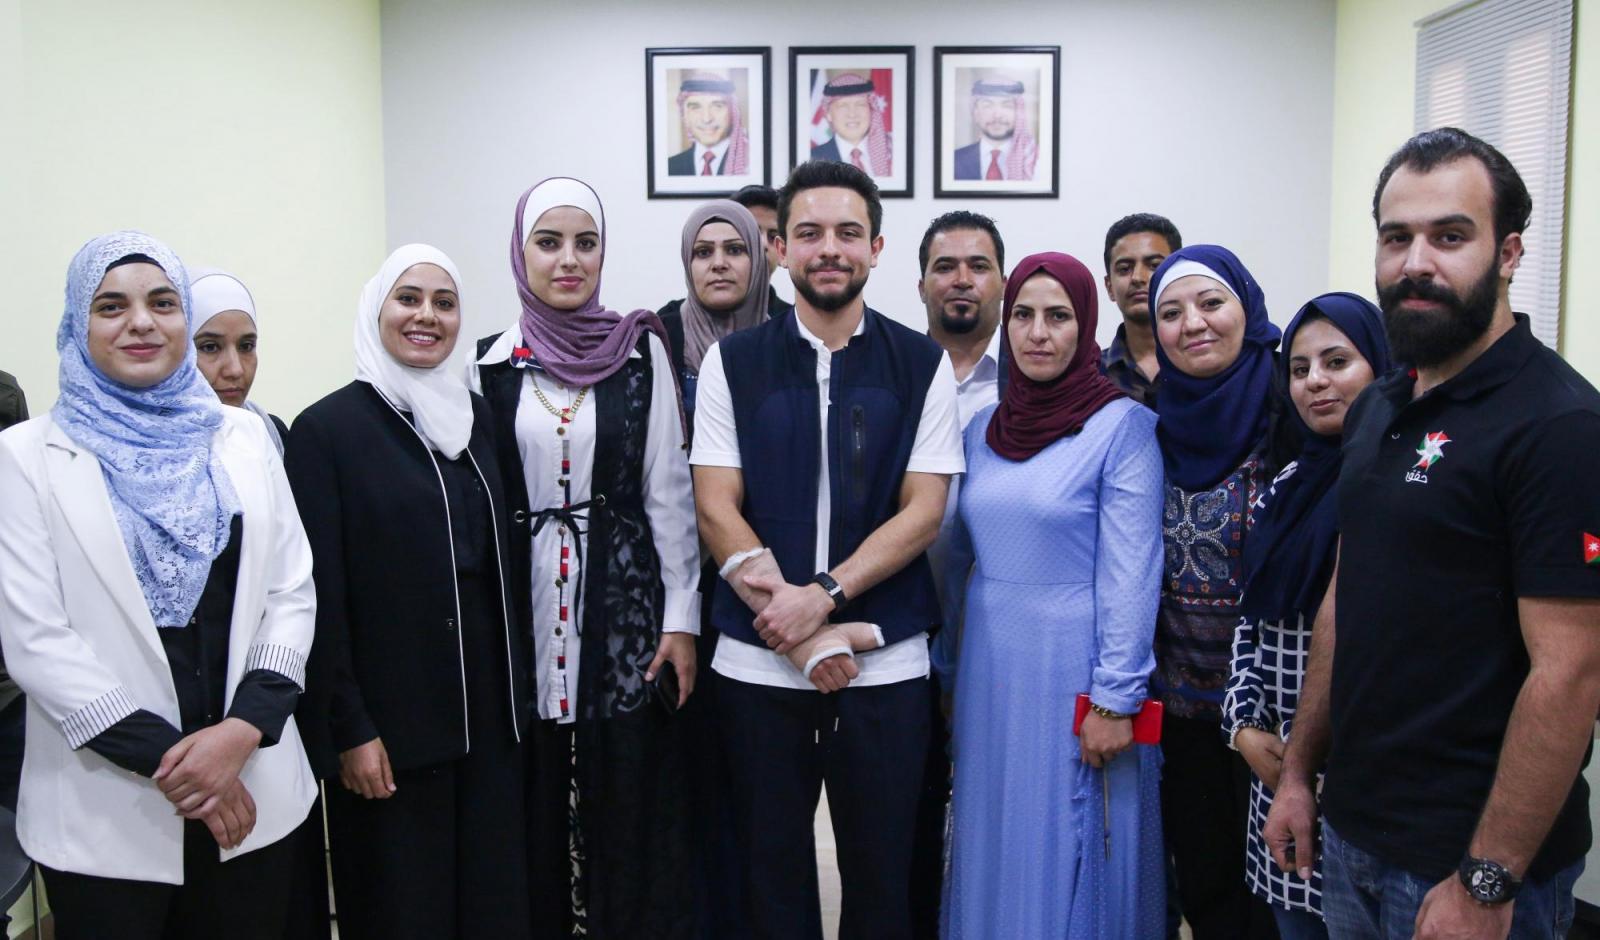 ولي العهد يفتتح مركز شباب ذيبان بعد تحديثه لتلبية احتياجات ومتطلبات الشباب